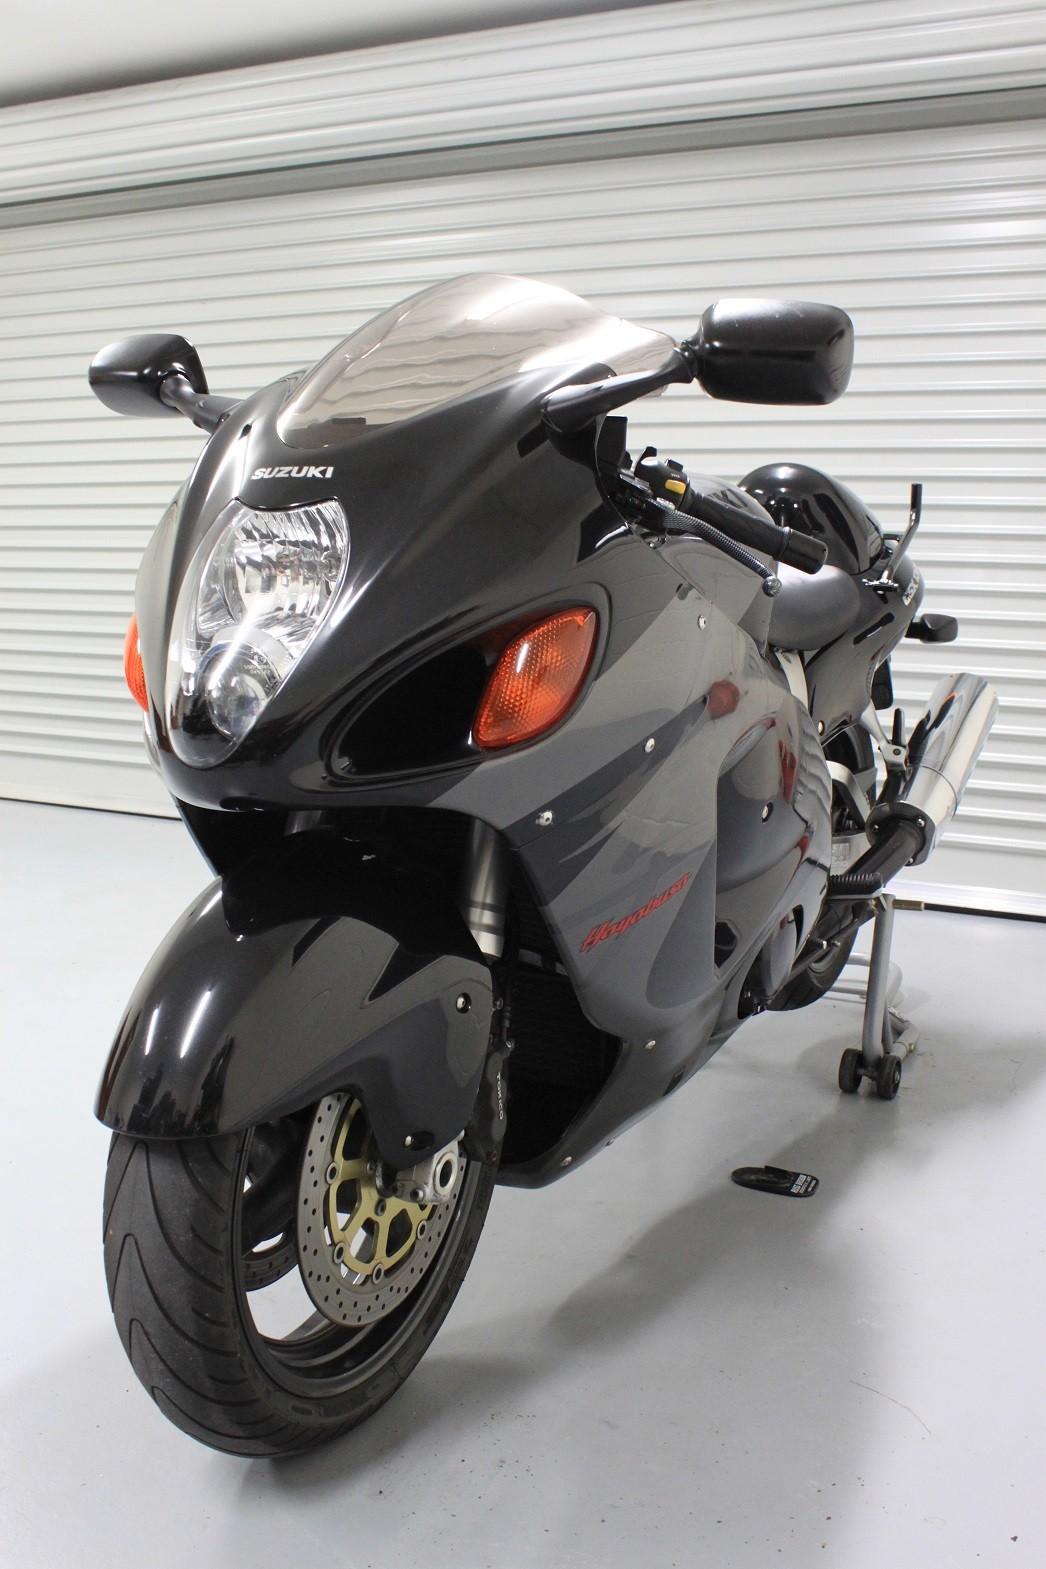 2000 Suzuki 1298cc GSX1300R (HAYABUSA)